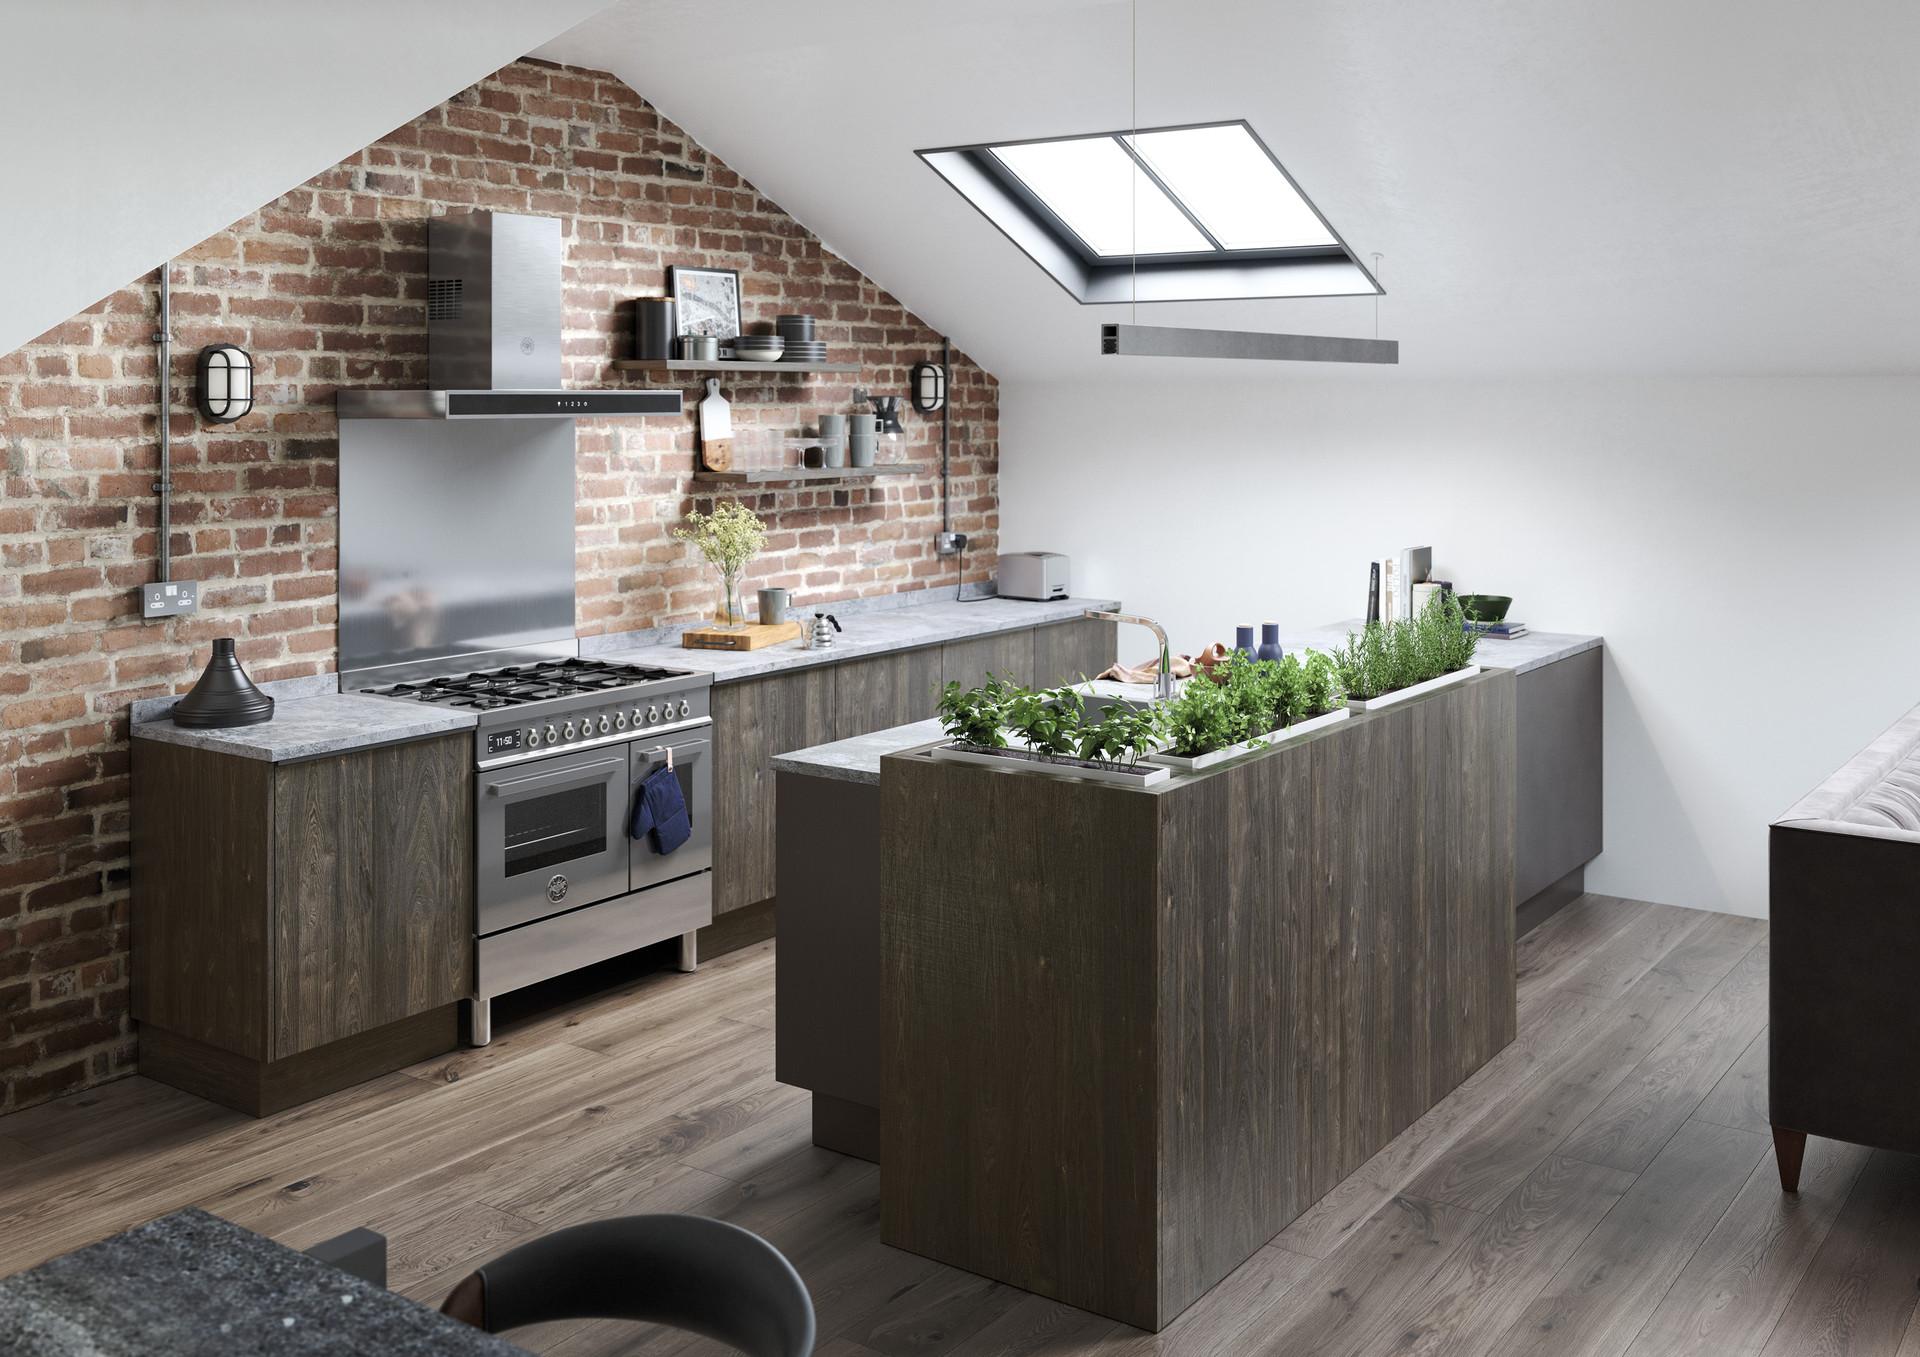 Rezana Carbon and Ferro Iron Kitchen